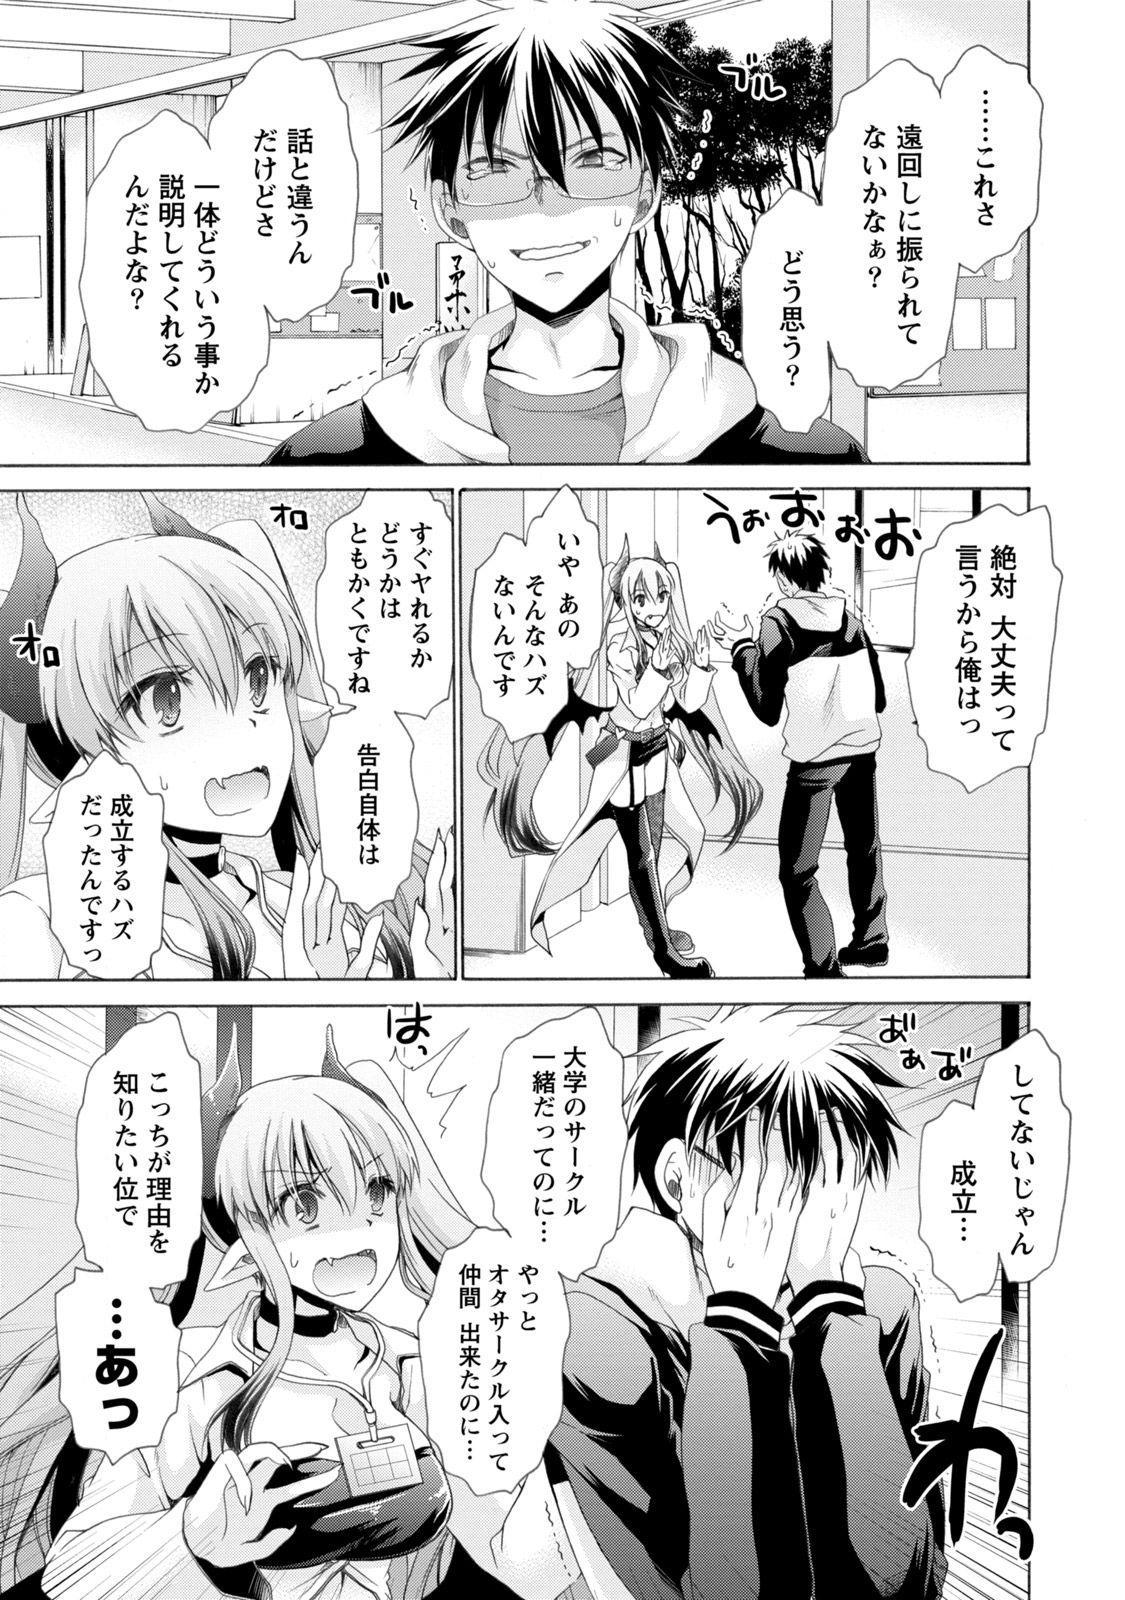 Ore to Kanojo to Owaru Sekai - World's end LoveStory 1 27